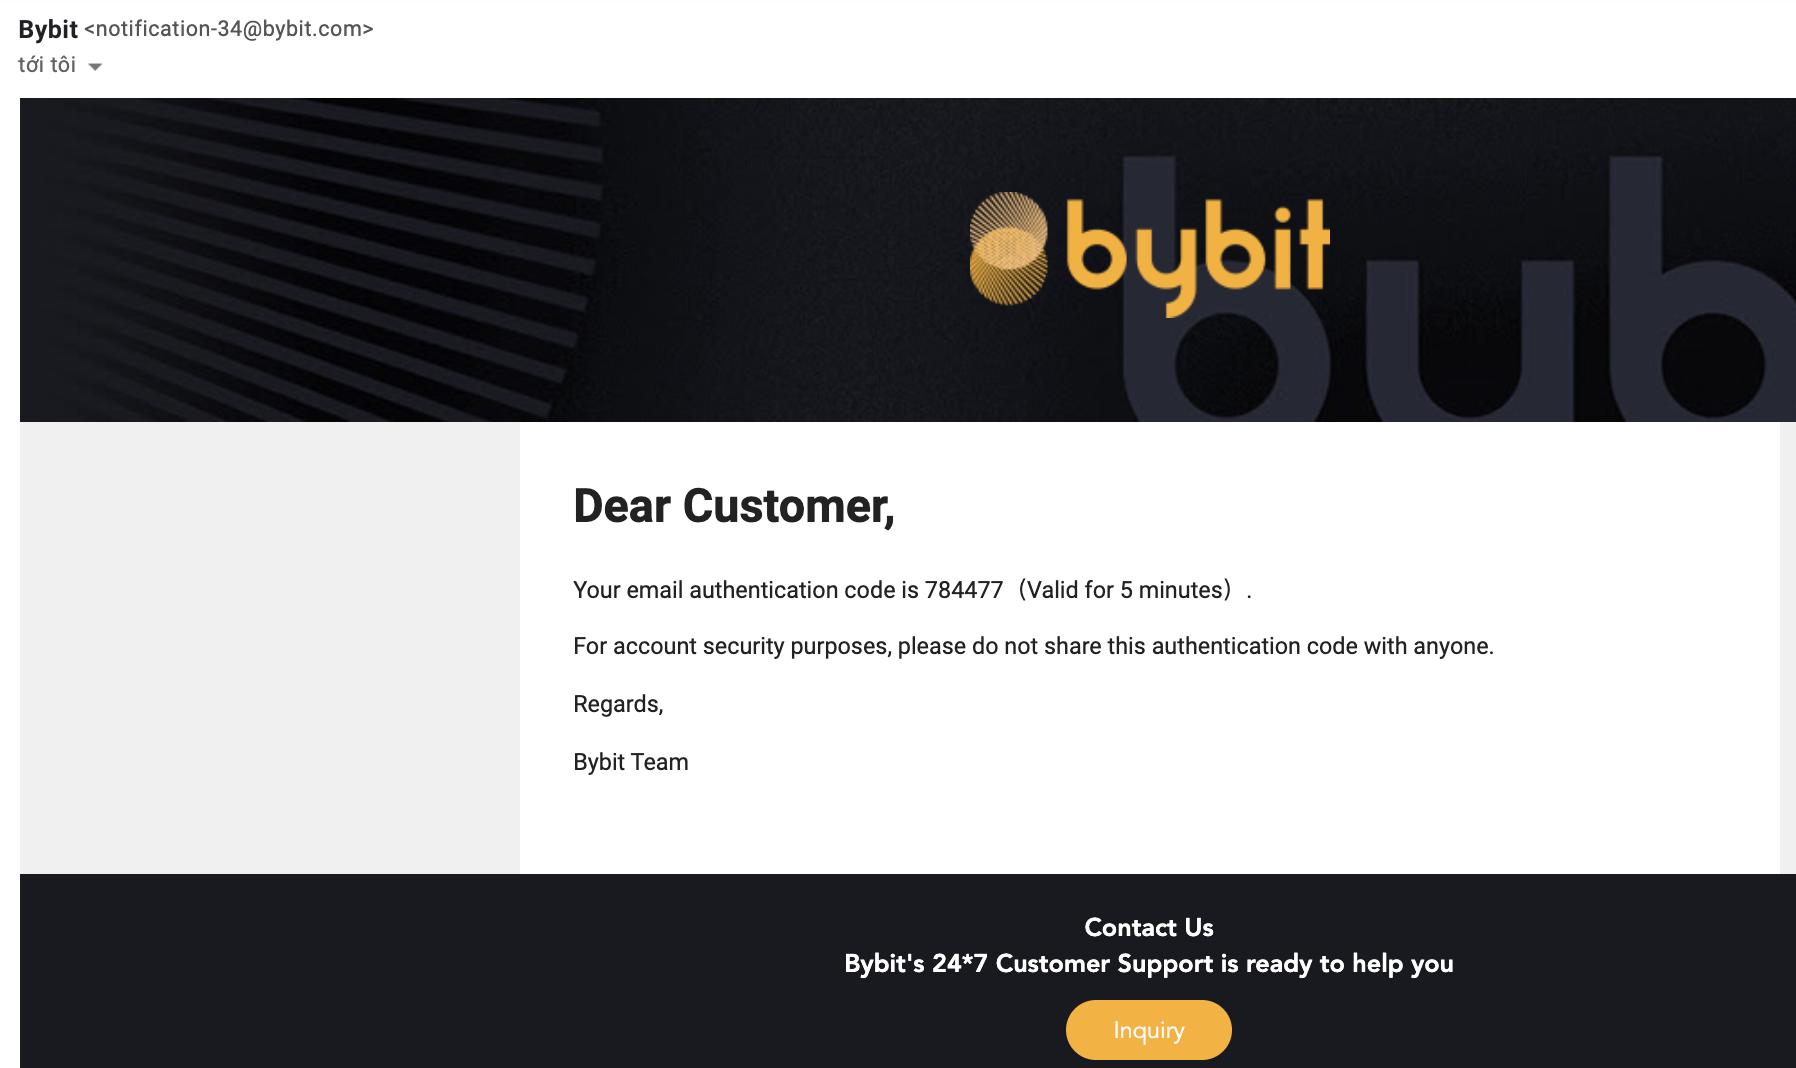 Sàn Bybit là gì? Hướng dẫn đăng ký tài khoản sàn Bybit